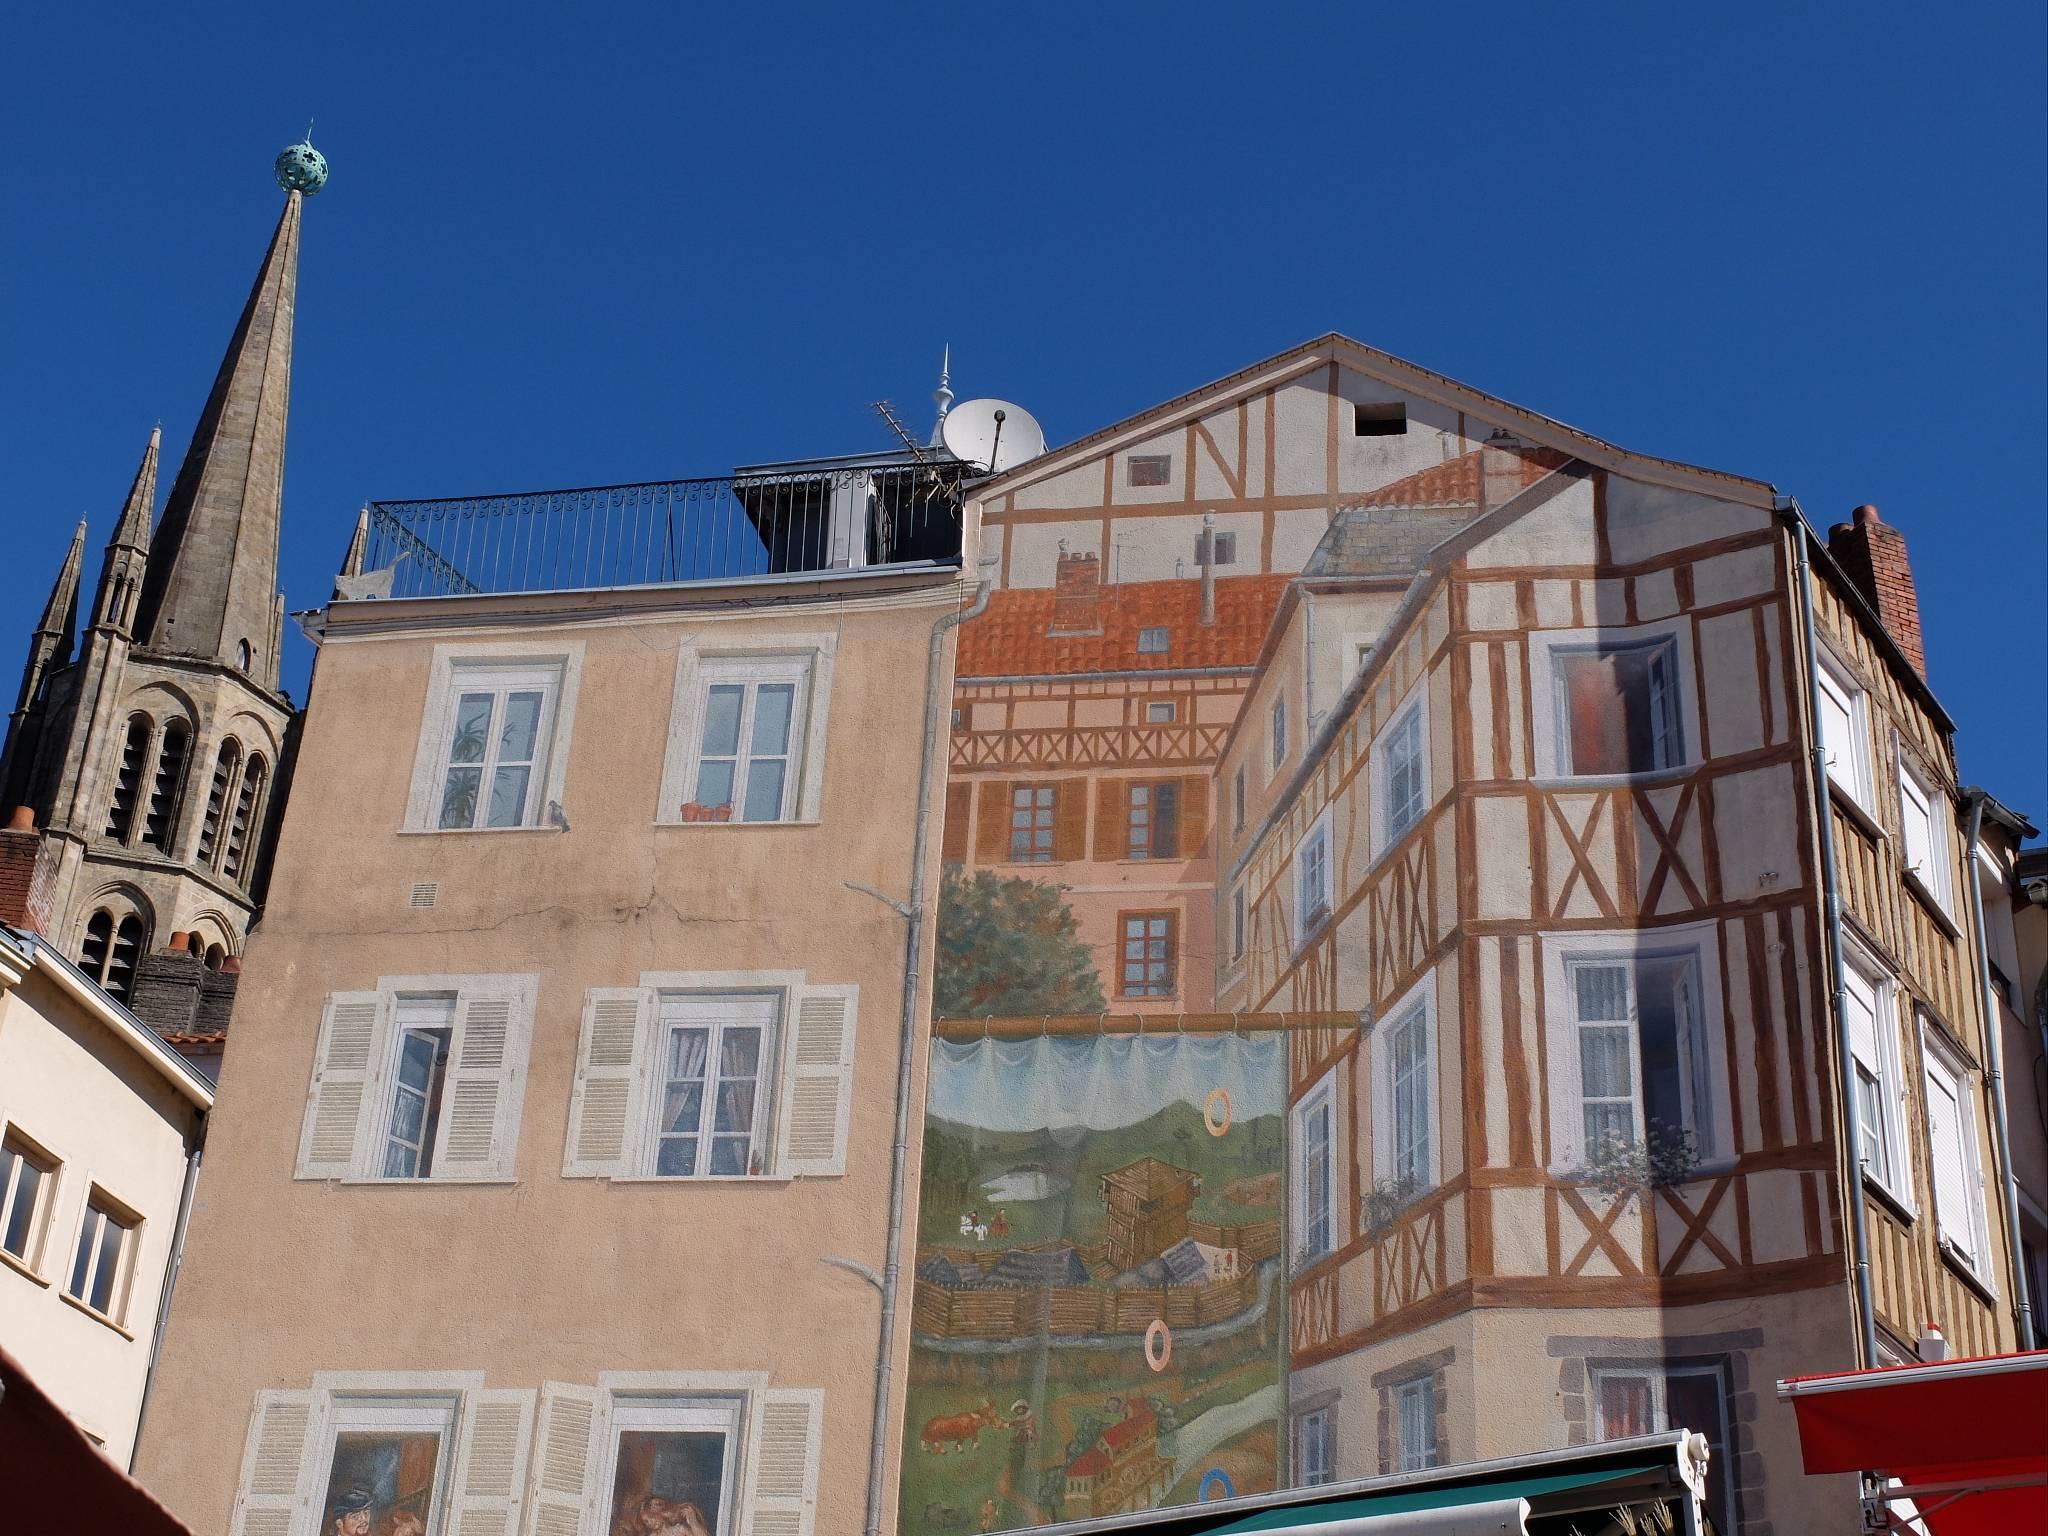 Photo 2: La place st Michel des lions!